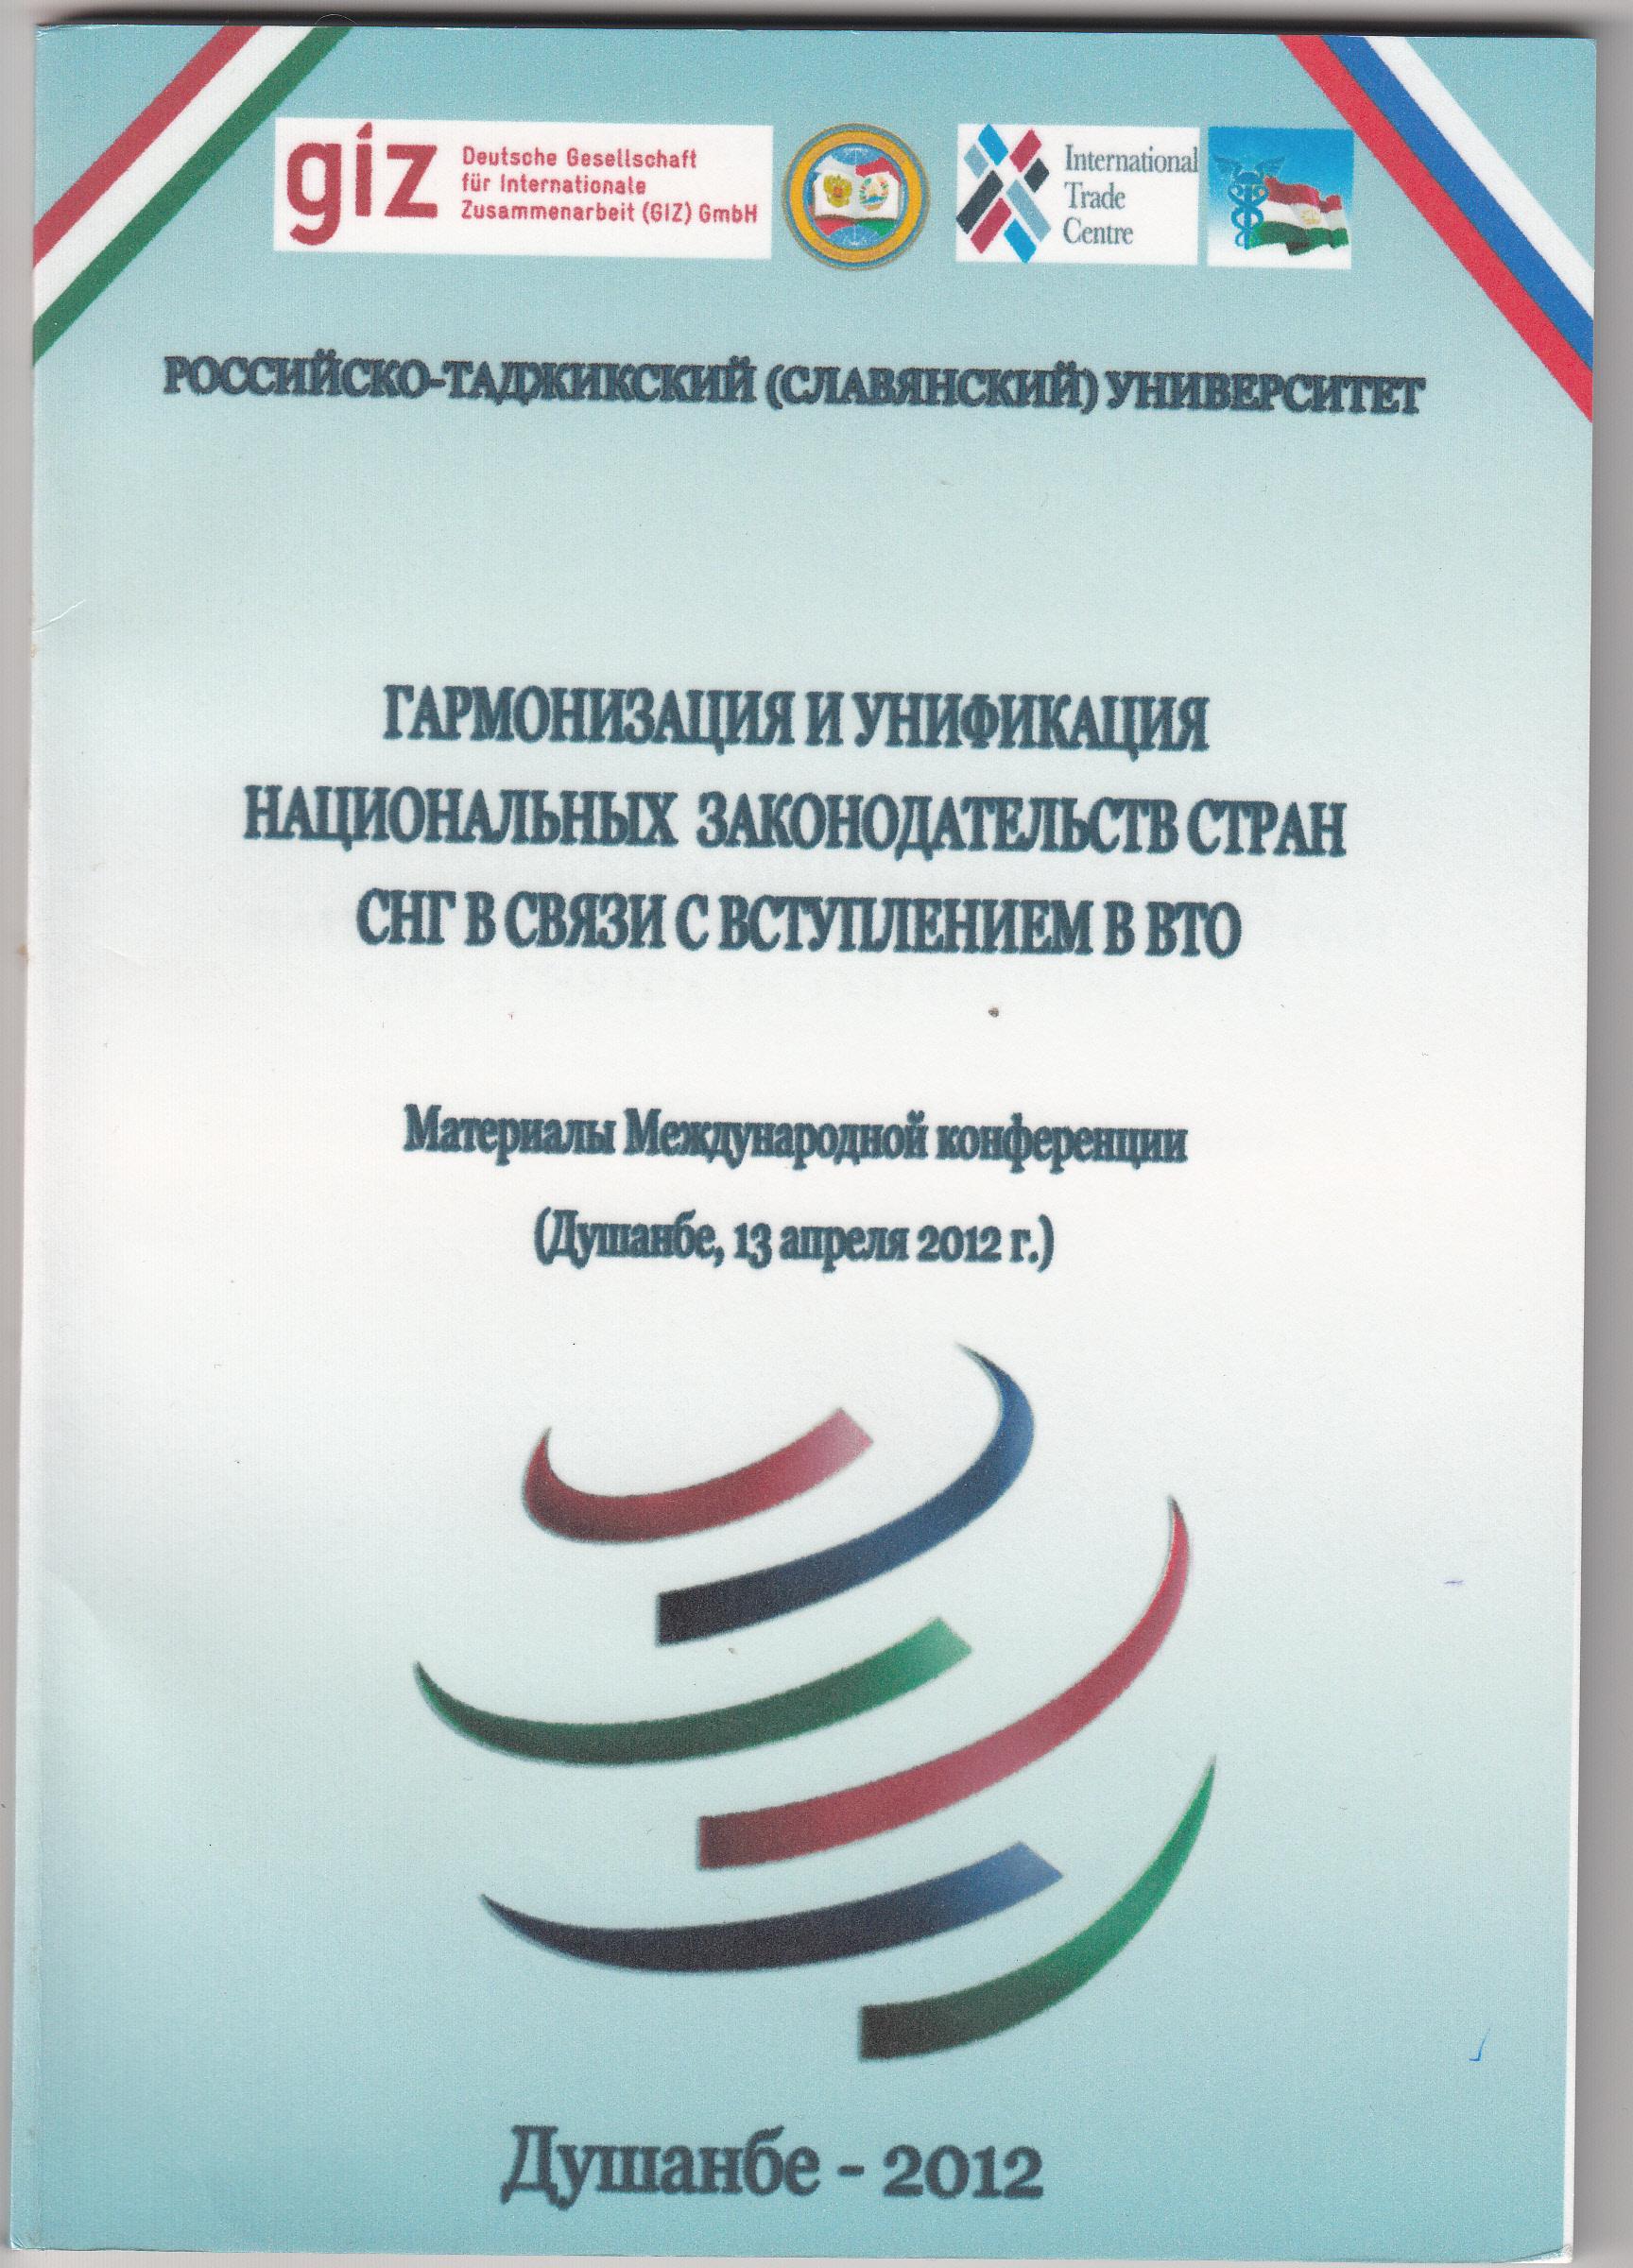 Гармонизация и унификация национальных законодательств стран СНГ в связи с вступлением в ВТО